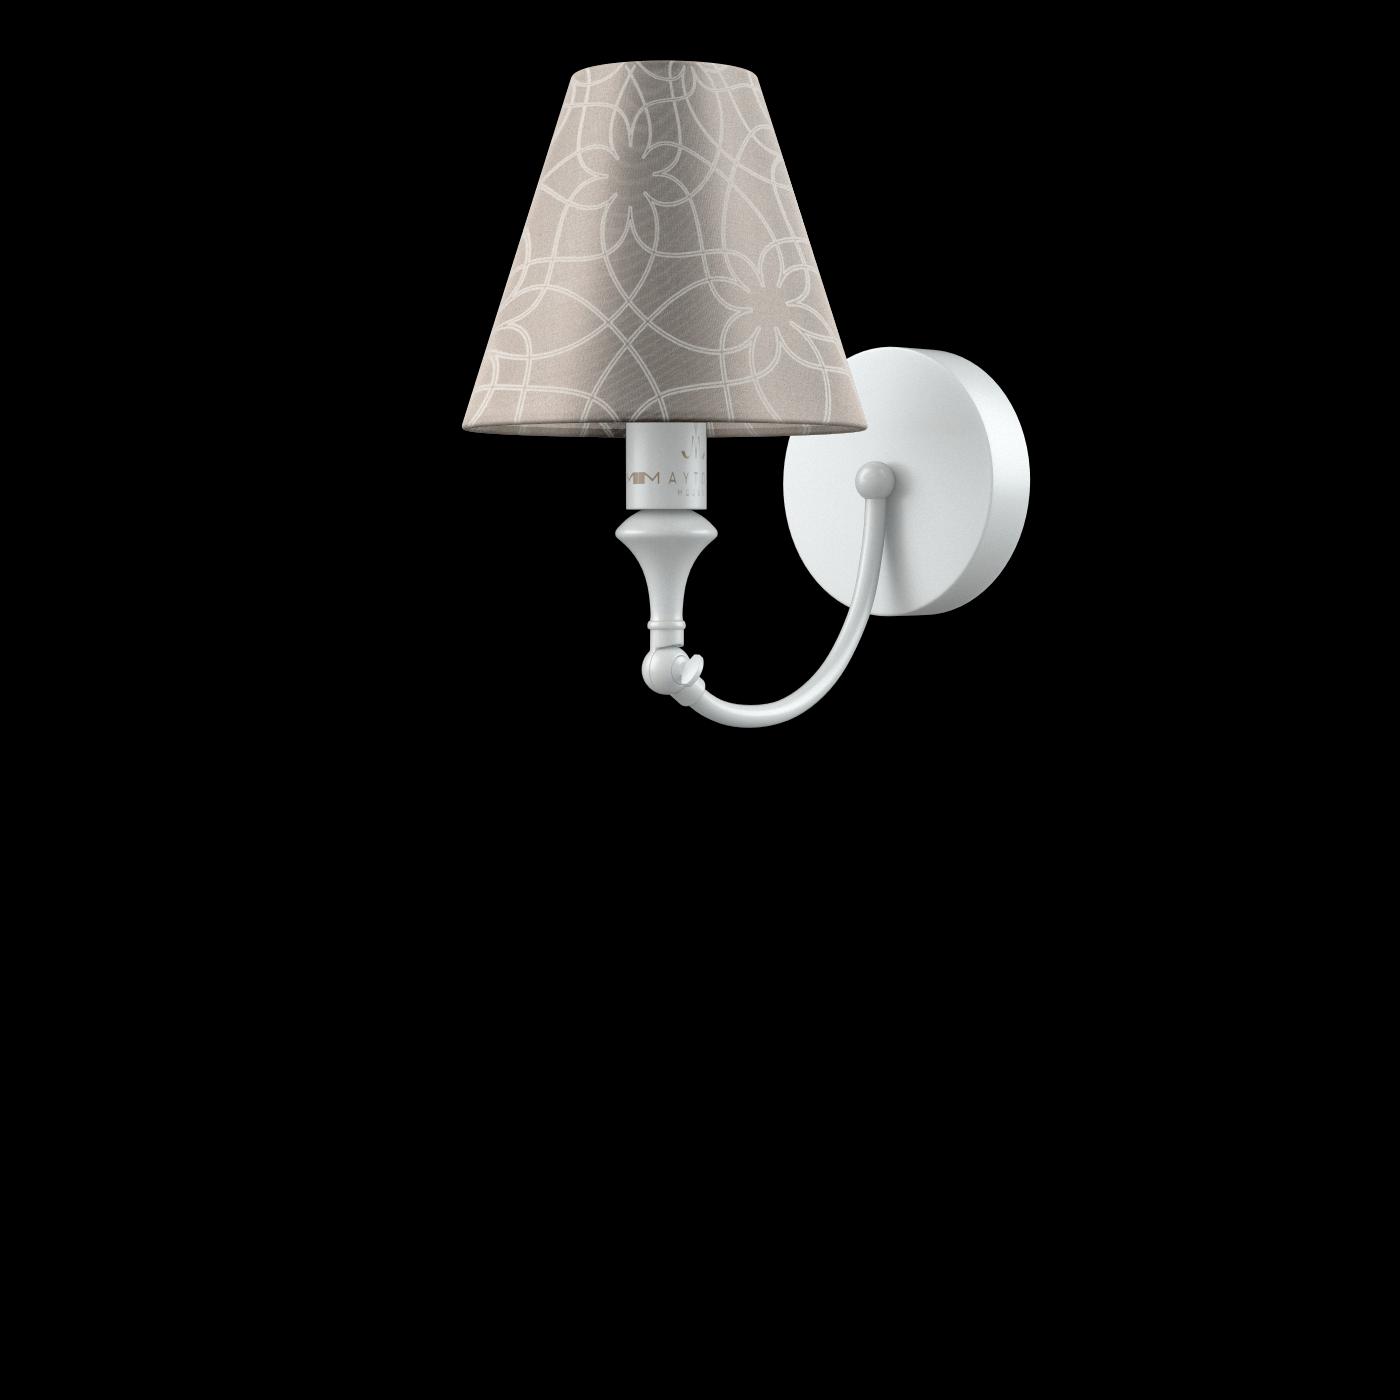 Фото товара M-01-WM-LMP-O-4 Lamp4You